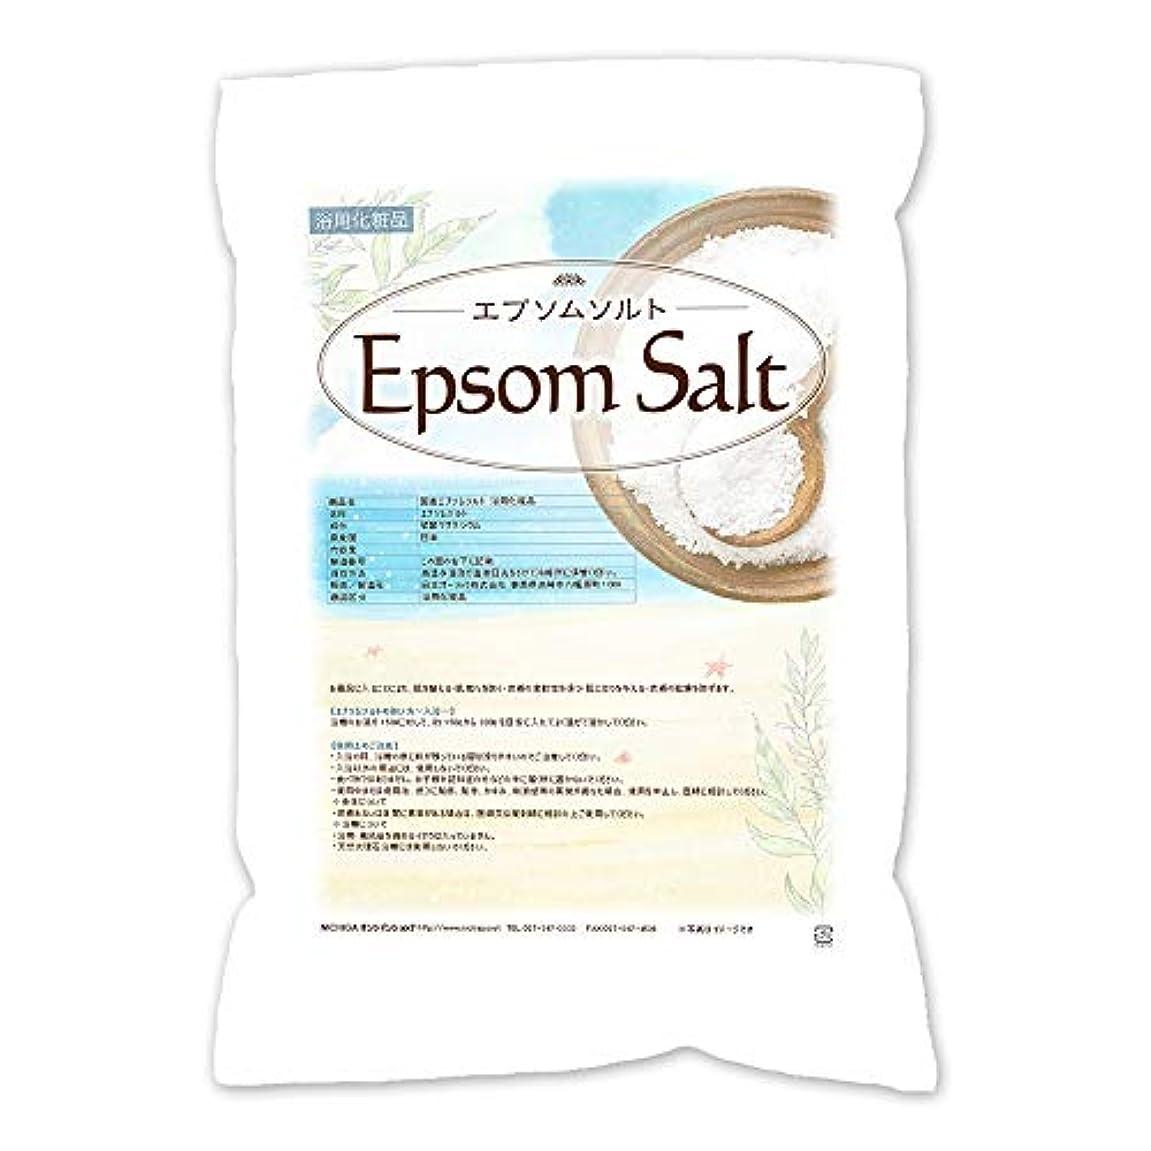 薄いですダンストレーダーエプソムソルト 4.5kg(Epsom Salt)浴用化粧品 [02] 国産原料 NICHIGA(ニチガ)